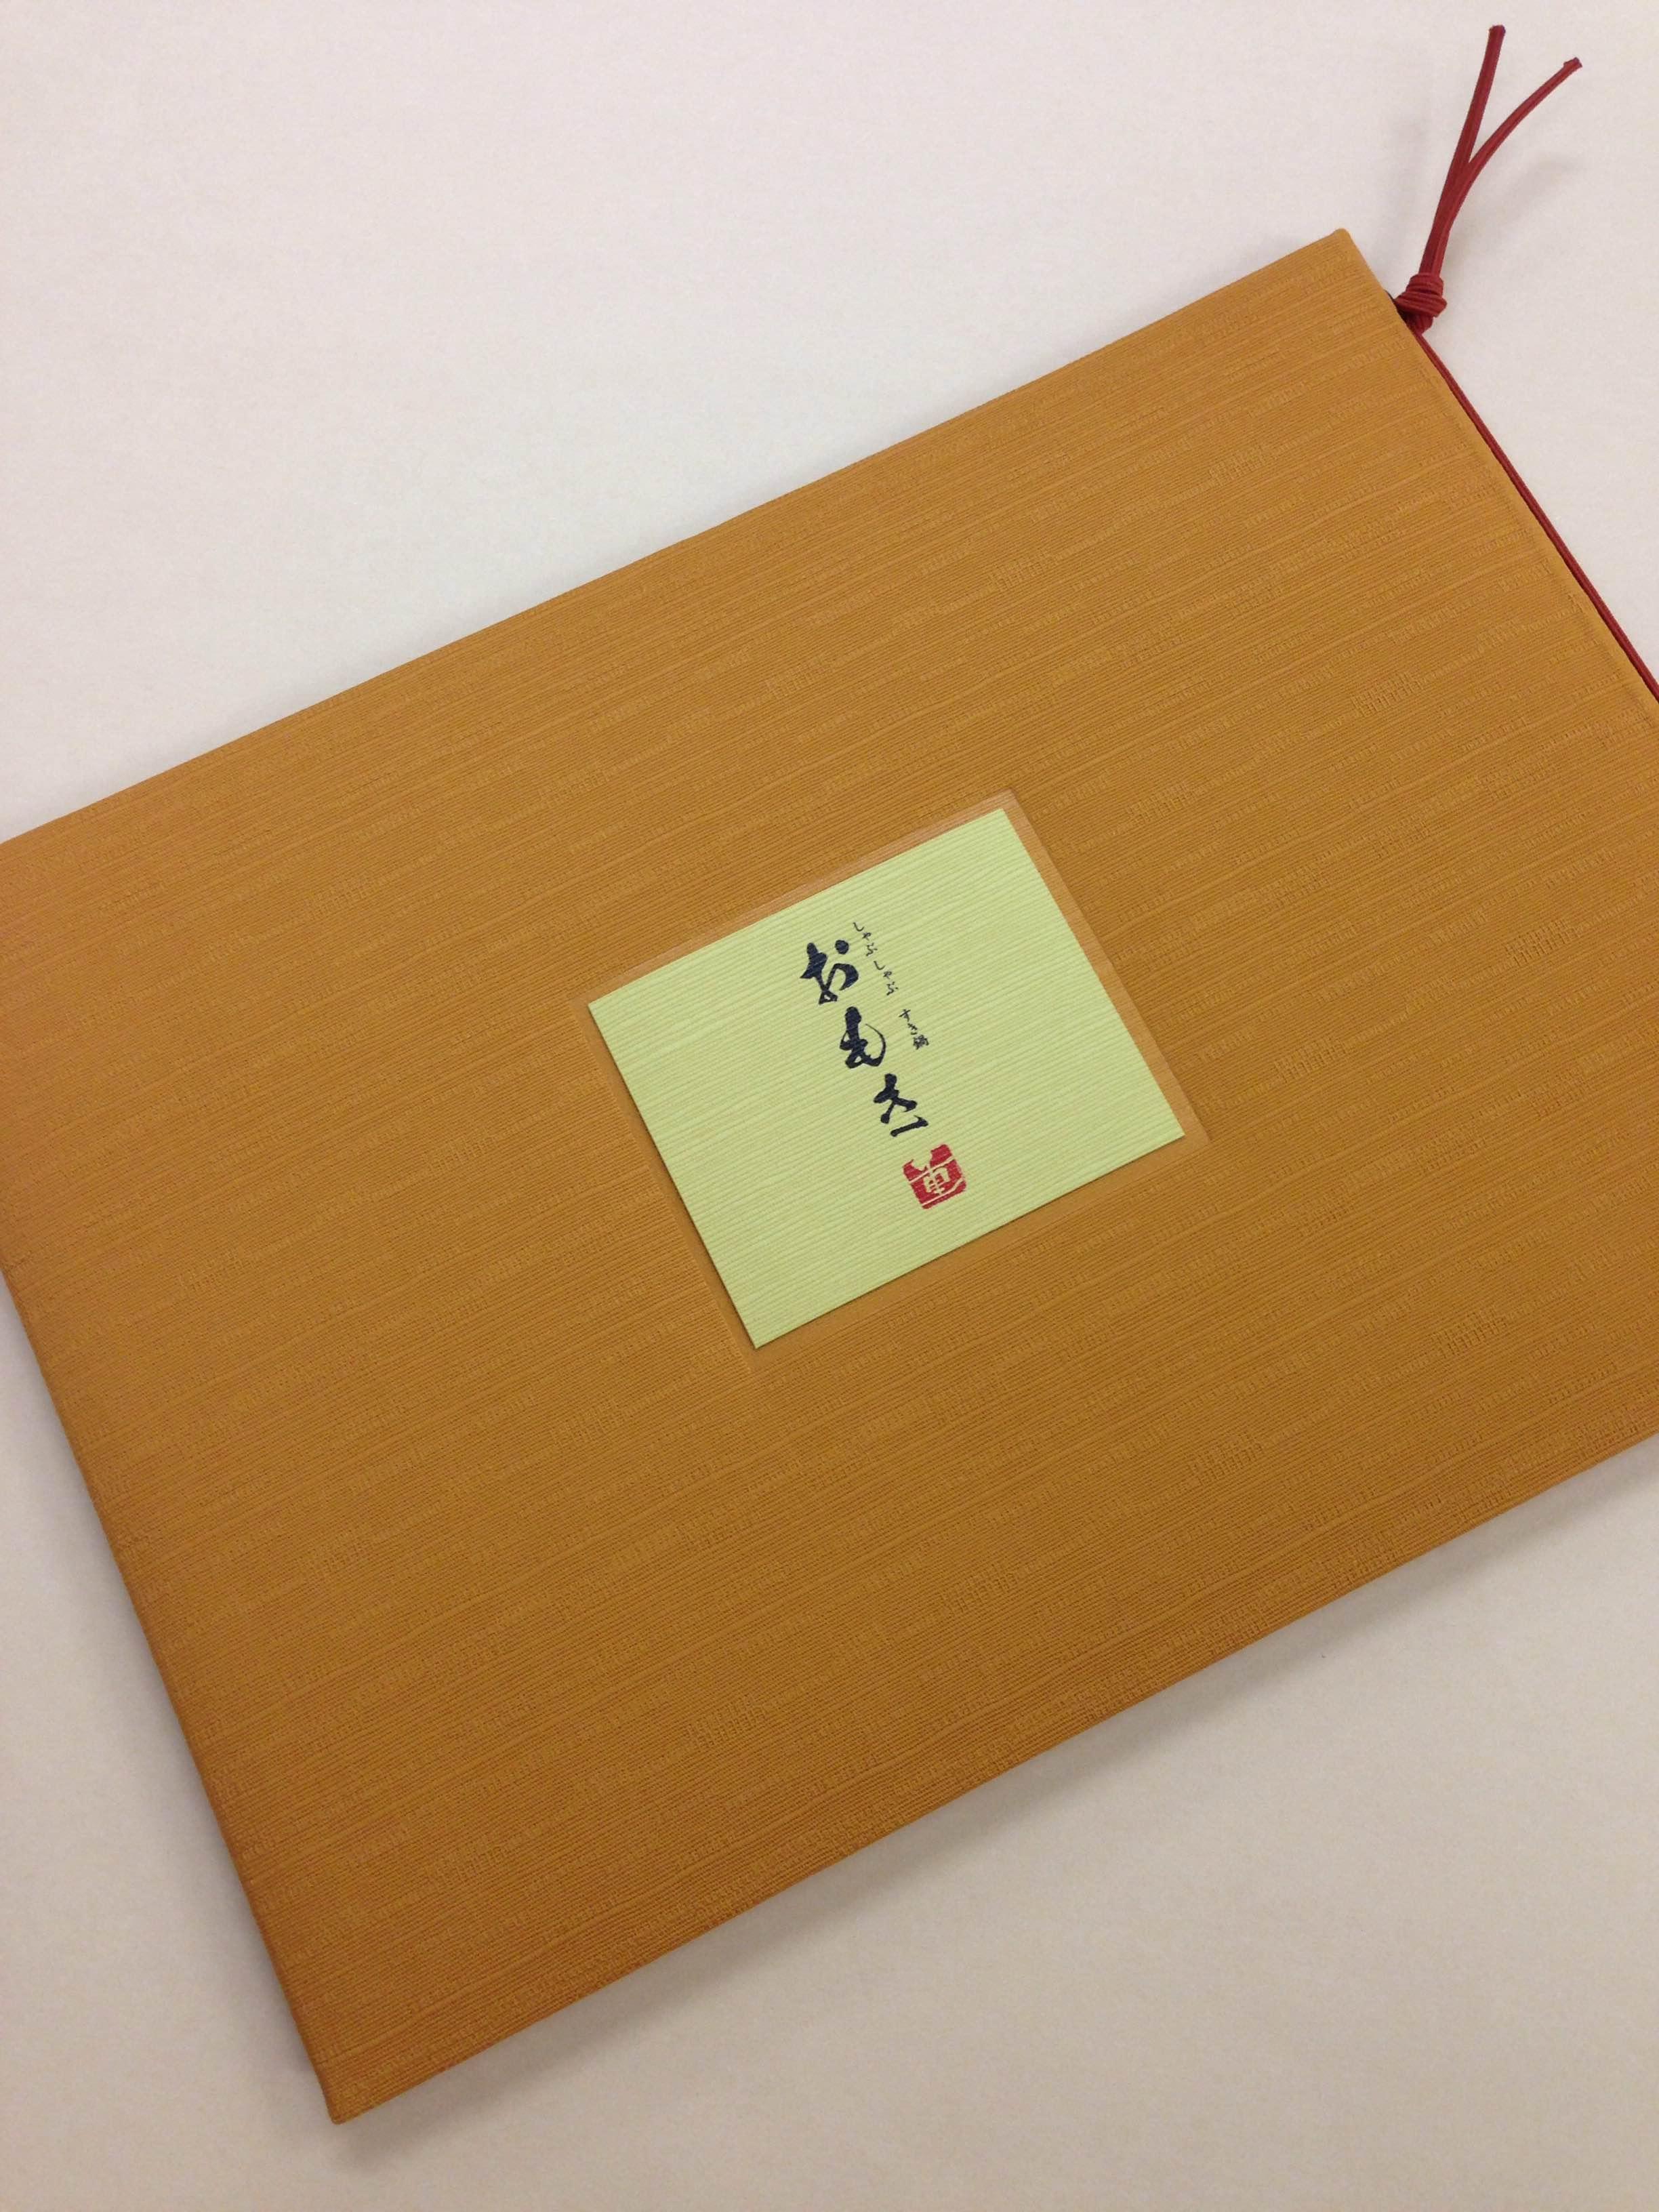 「坐布団-YOKO」の色をアクセントに。